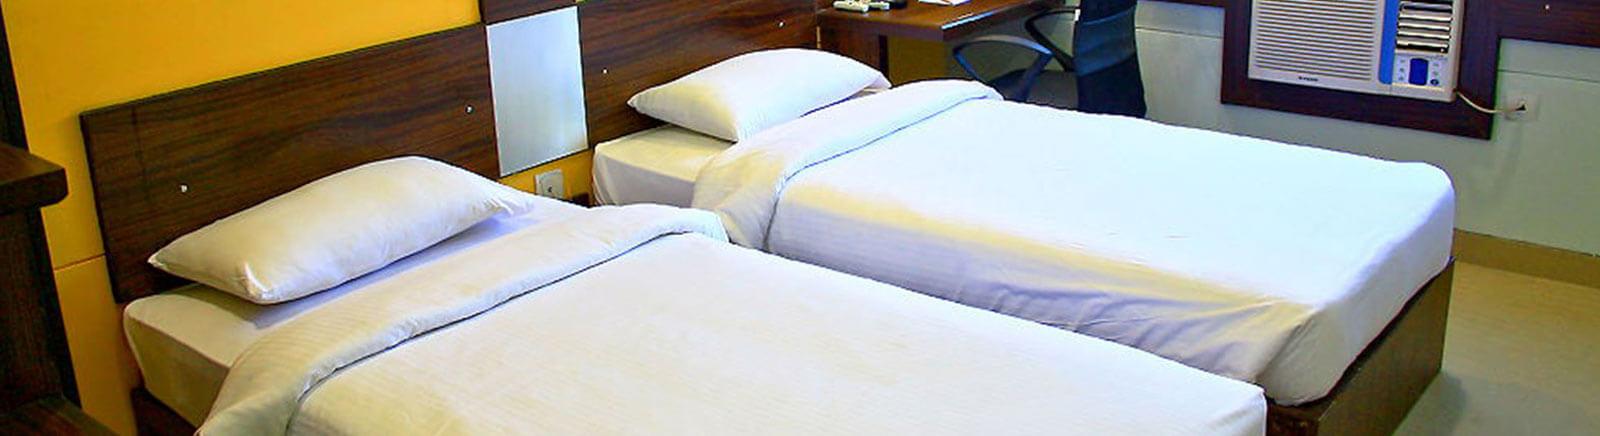 Ginger East Delhi Hotel Rooms